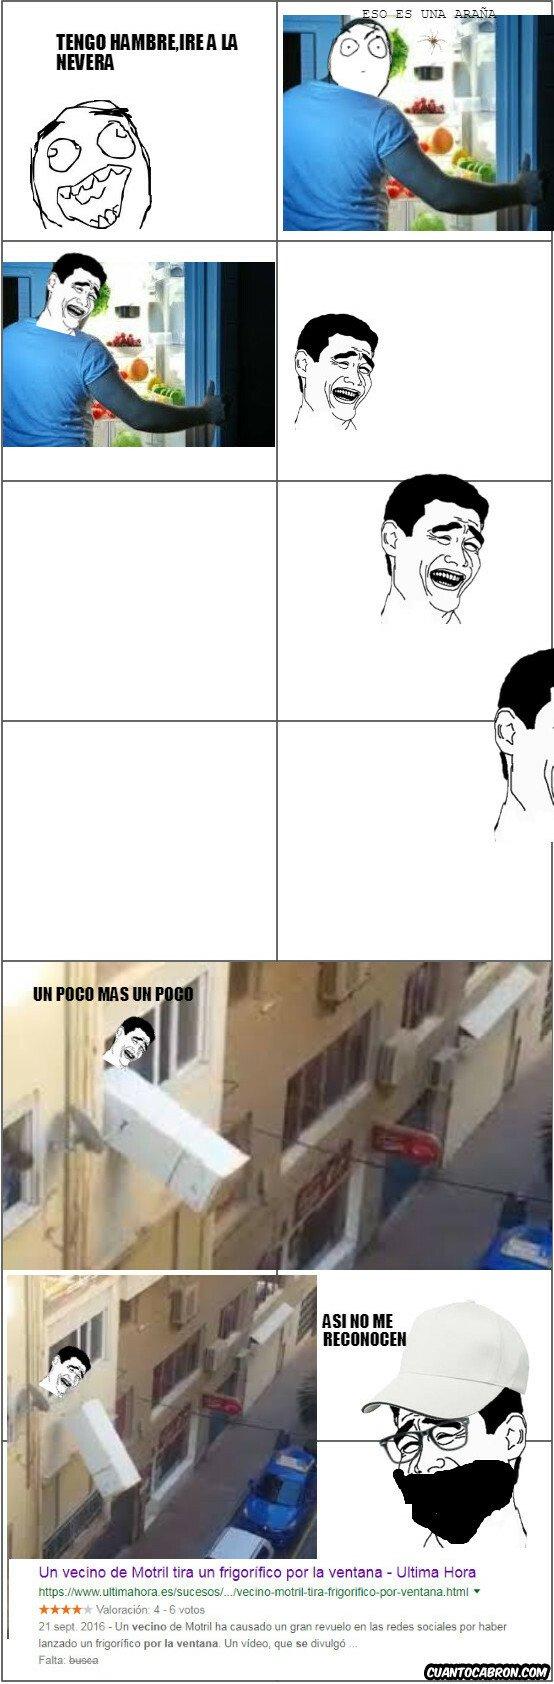 Yao - Cuando ves una araña en la nevera y acabas tirandola por la ventana